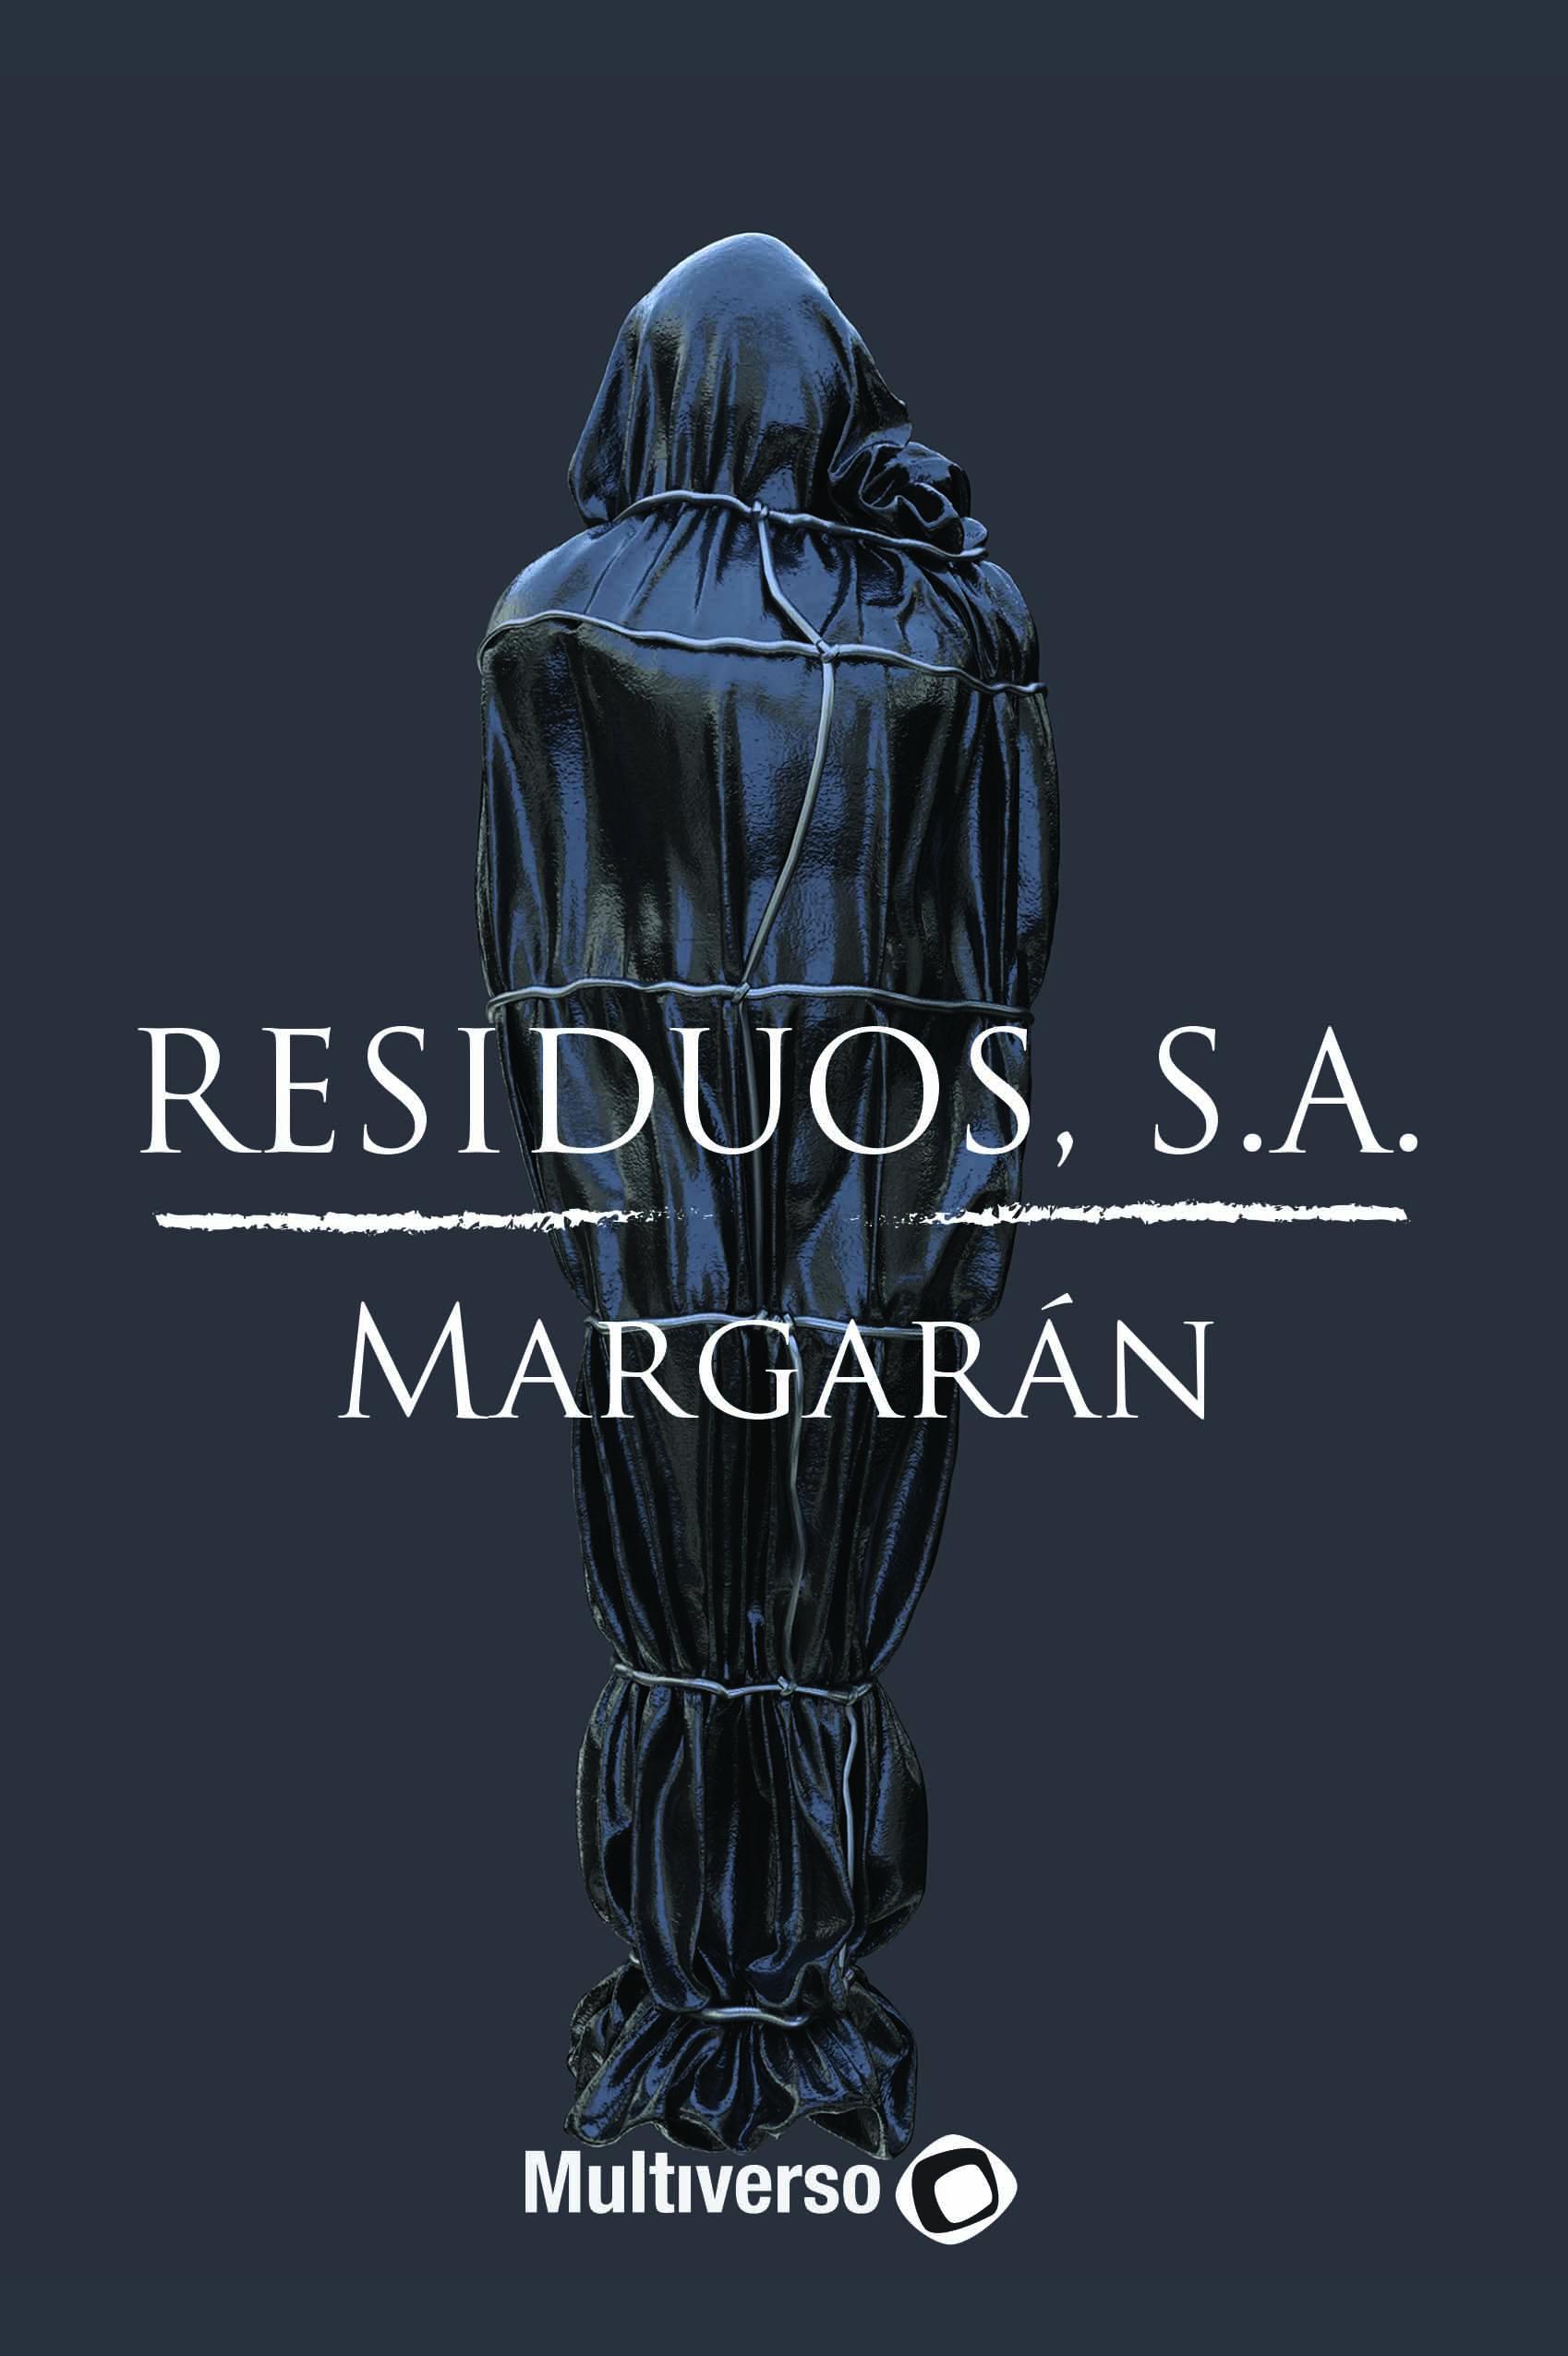 Residuos, S.A